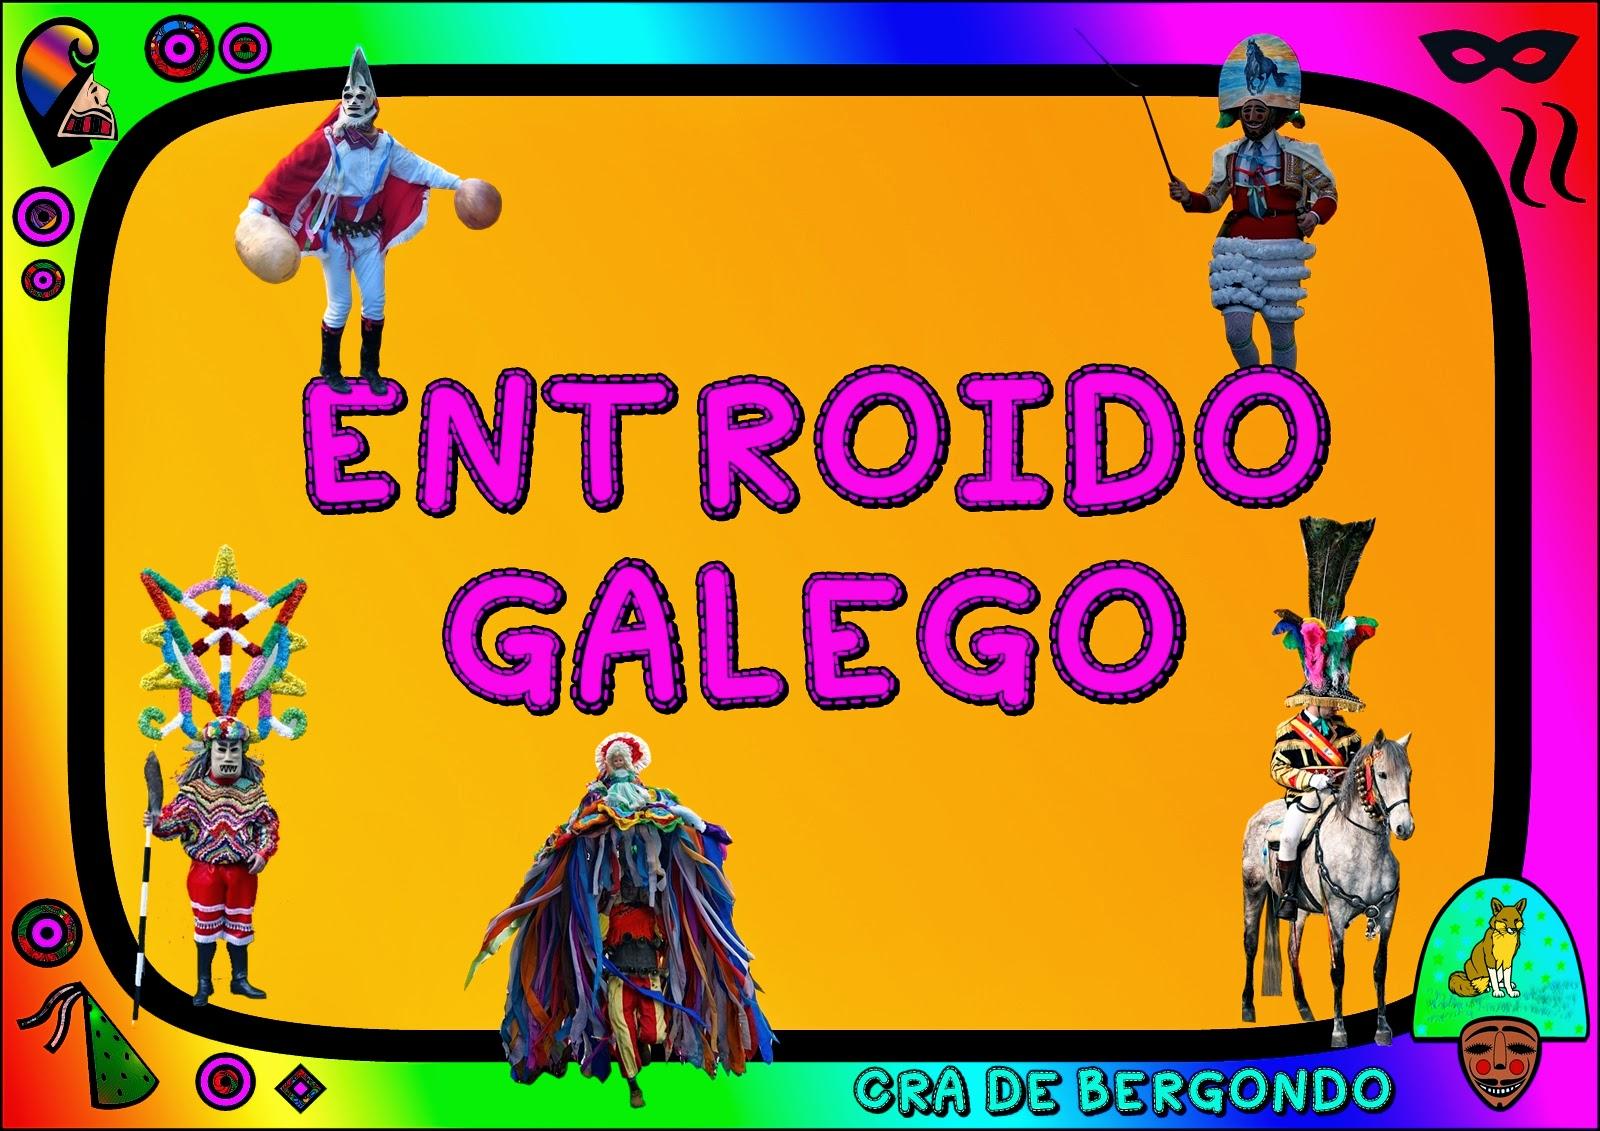 http://www.youblisher.com/p/813995-Entroido-galego-CRA-de-Bergondo-Educacion-Infantil/